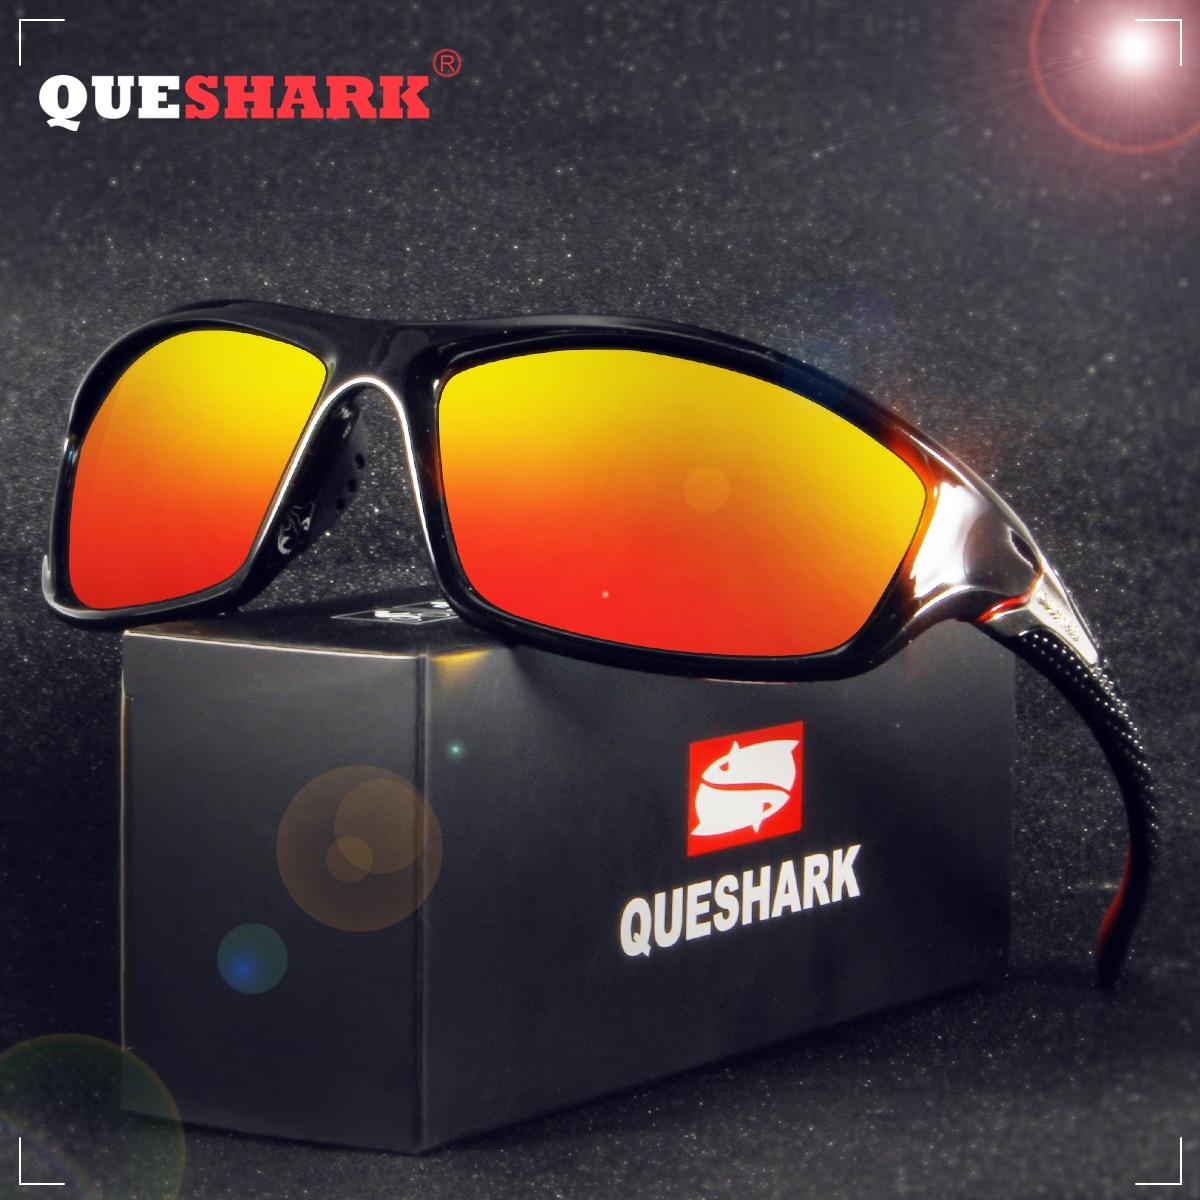 9f005abfcd QUESHARK TR90 Untralight Marco de gafas de sol polarizadas pesca gafas de  ciclismo para hombres y mujeres senderismo deporte corriendo Golf